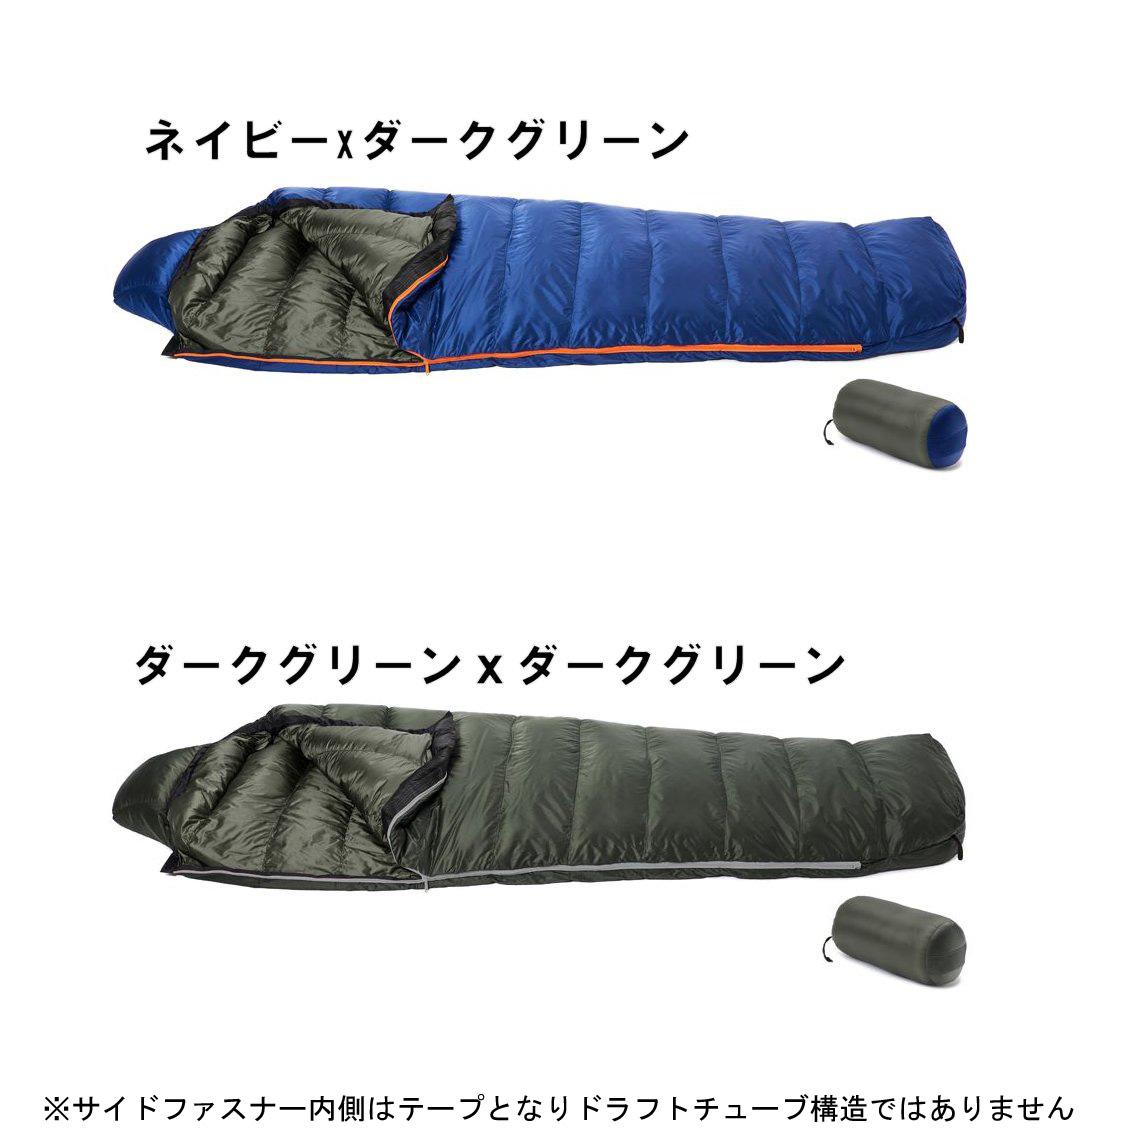 (4)DUNLOP(ダンロップ) DL4500・ダウンシュラフ450g【25%OFF】【登山】【キャンプ】【シュラフ】【寝袋】